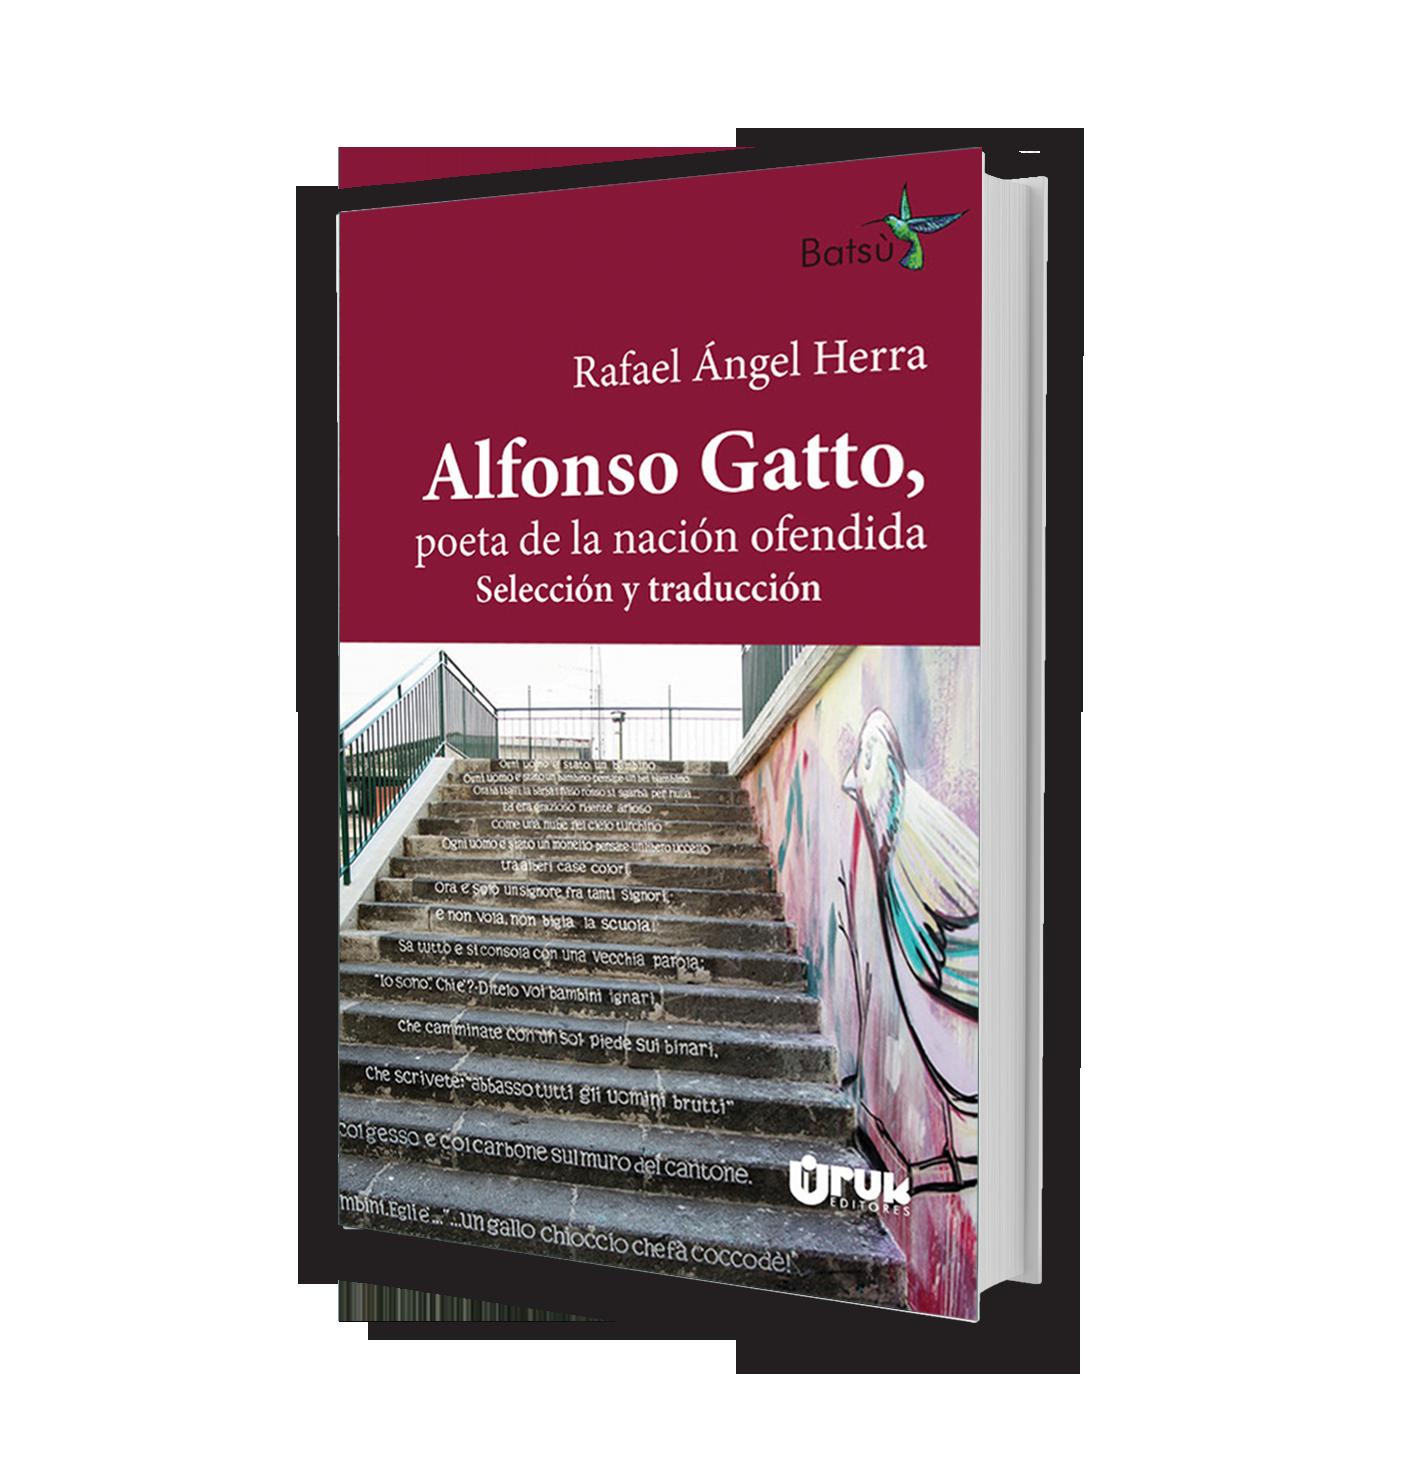 Alfonso Gatto, poeta de la nación ofendida